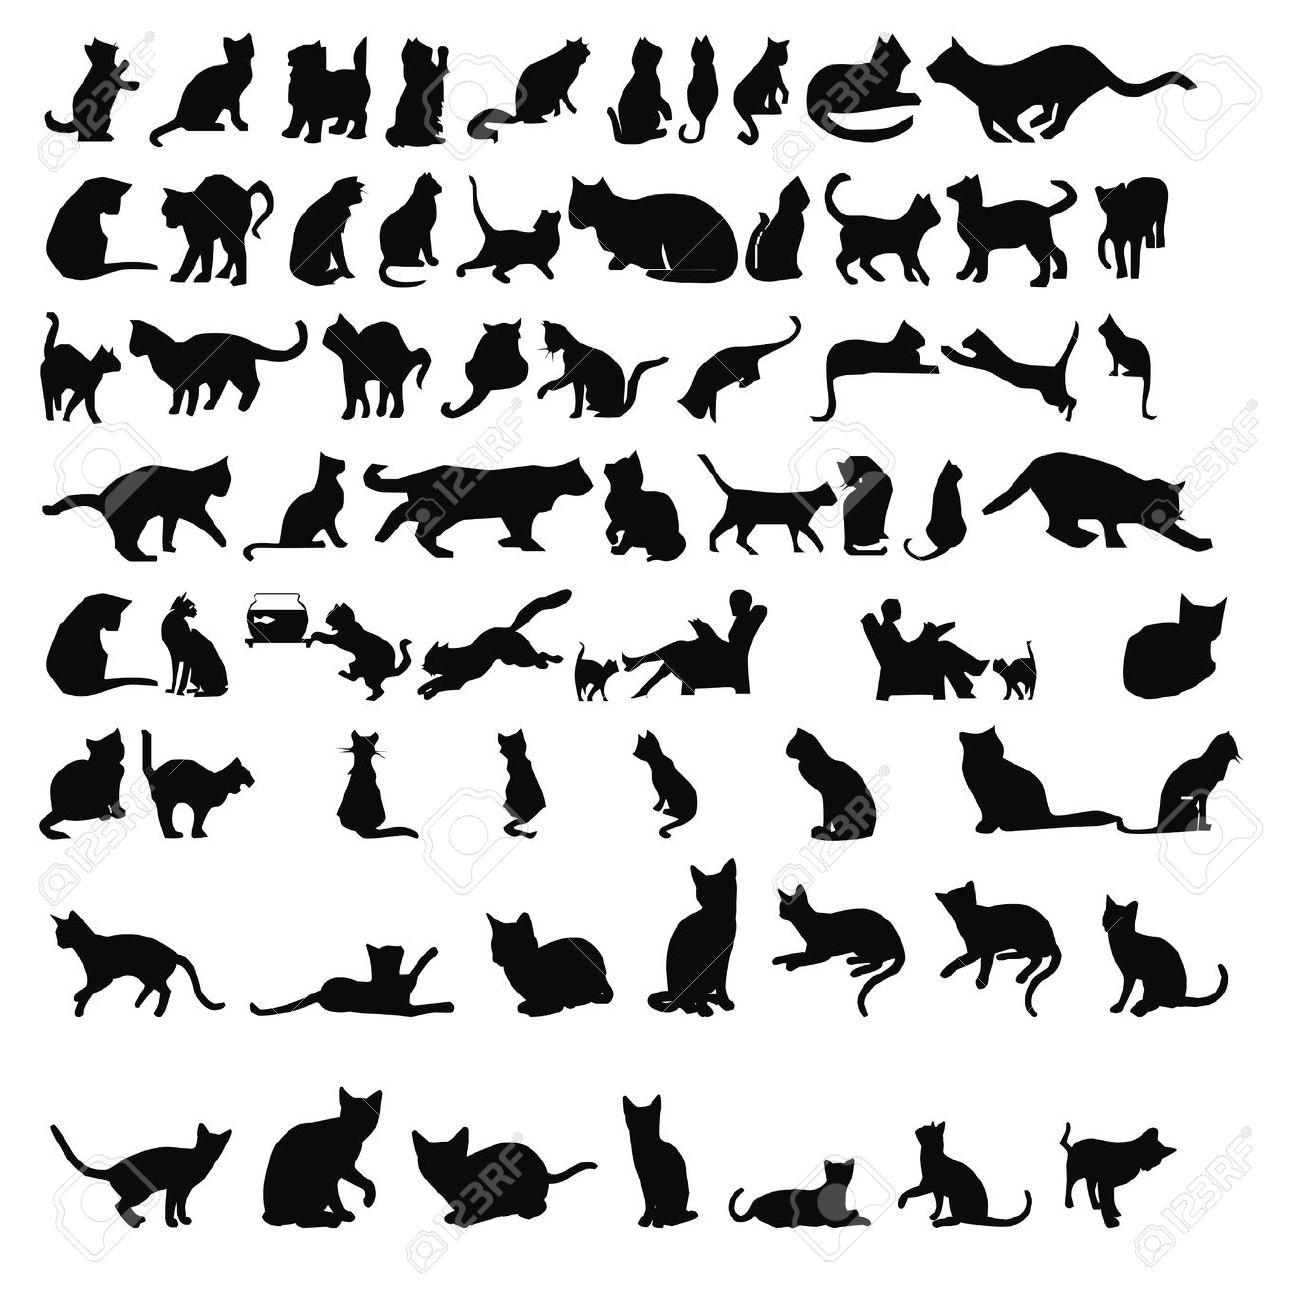 silueta gato siluetas de gatos Foto de archivo